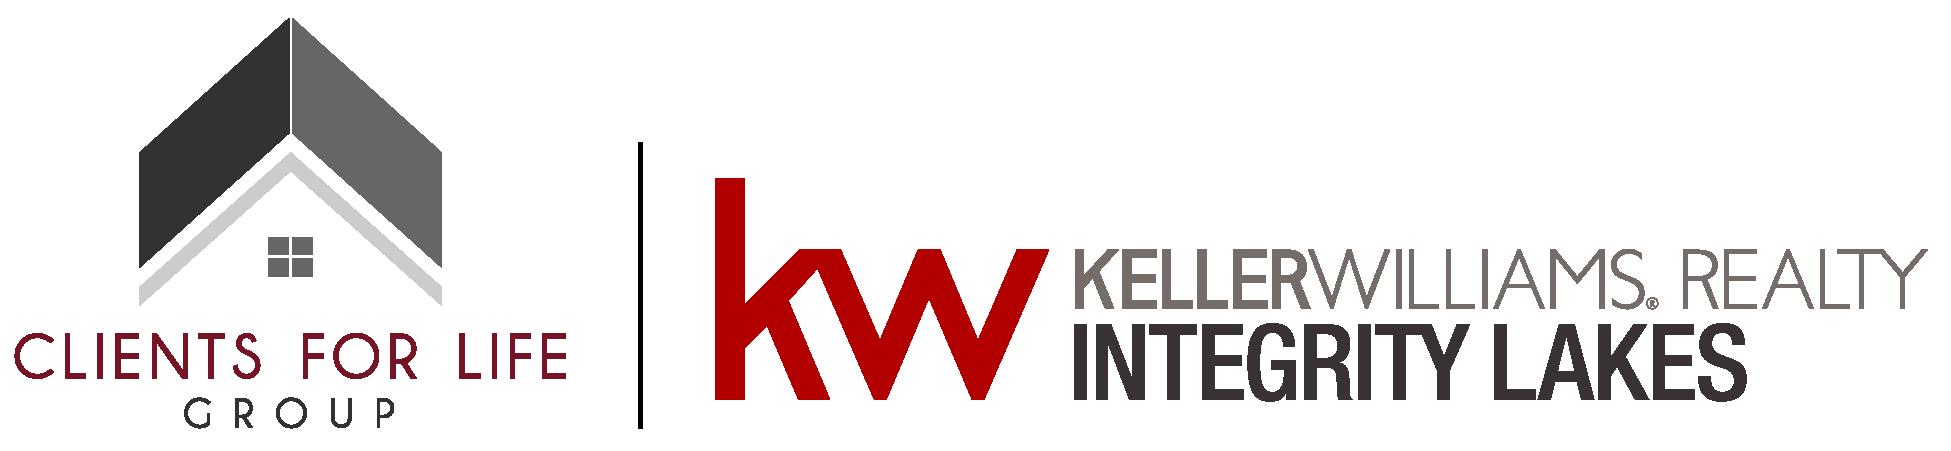 CFLG_Logo_KW_RGB.png